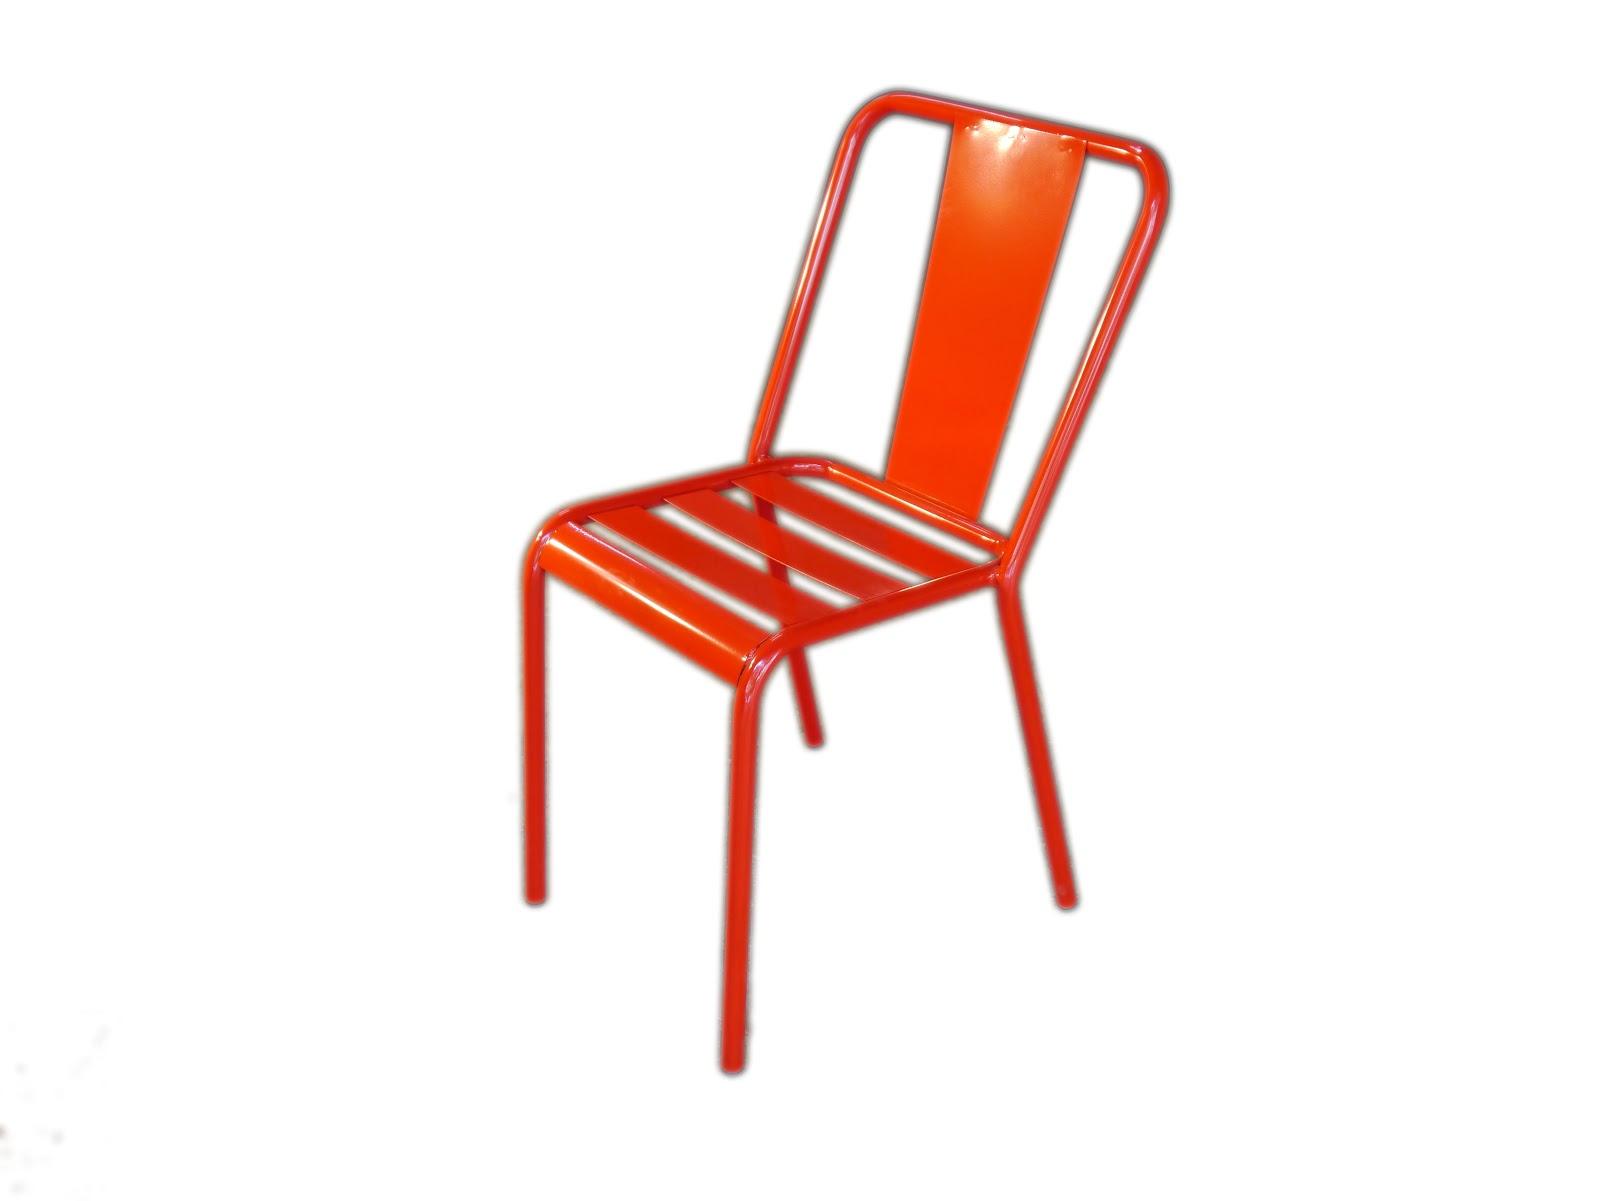 Novedades muebles 2013 mesas y sillas de estilo vintage for Sillas para exterior baratas